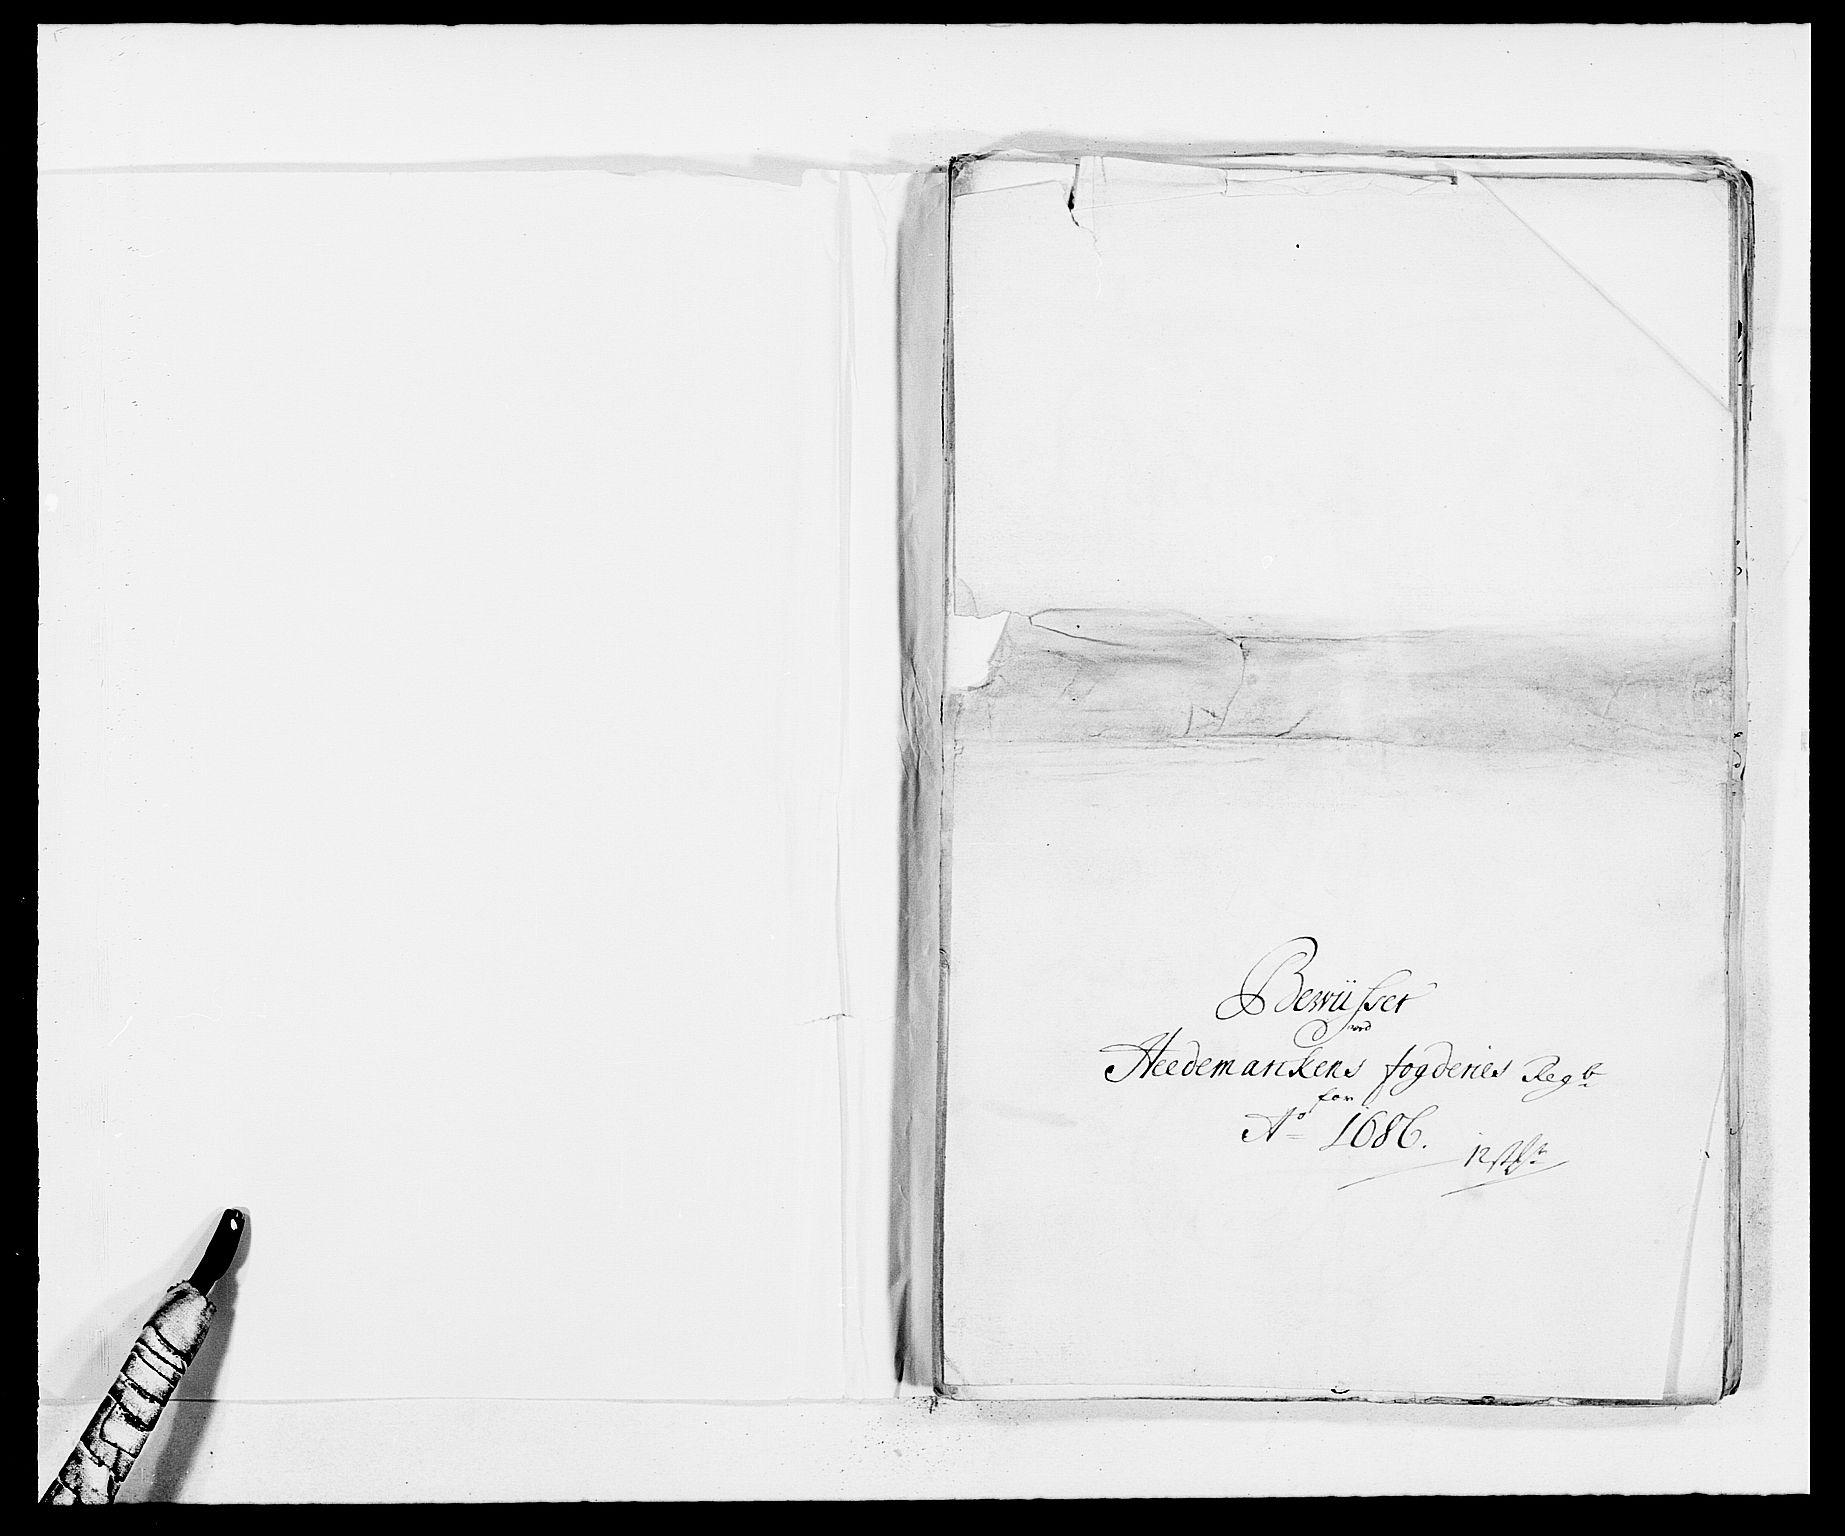 RA, Rentekammeret inntil 1814, Reviderte regnskaper, Fogderegnskap, R16/L1027: Fogderegnskap Hedmark, 1686, s. 360